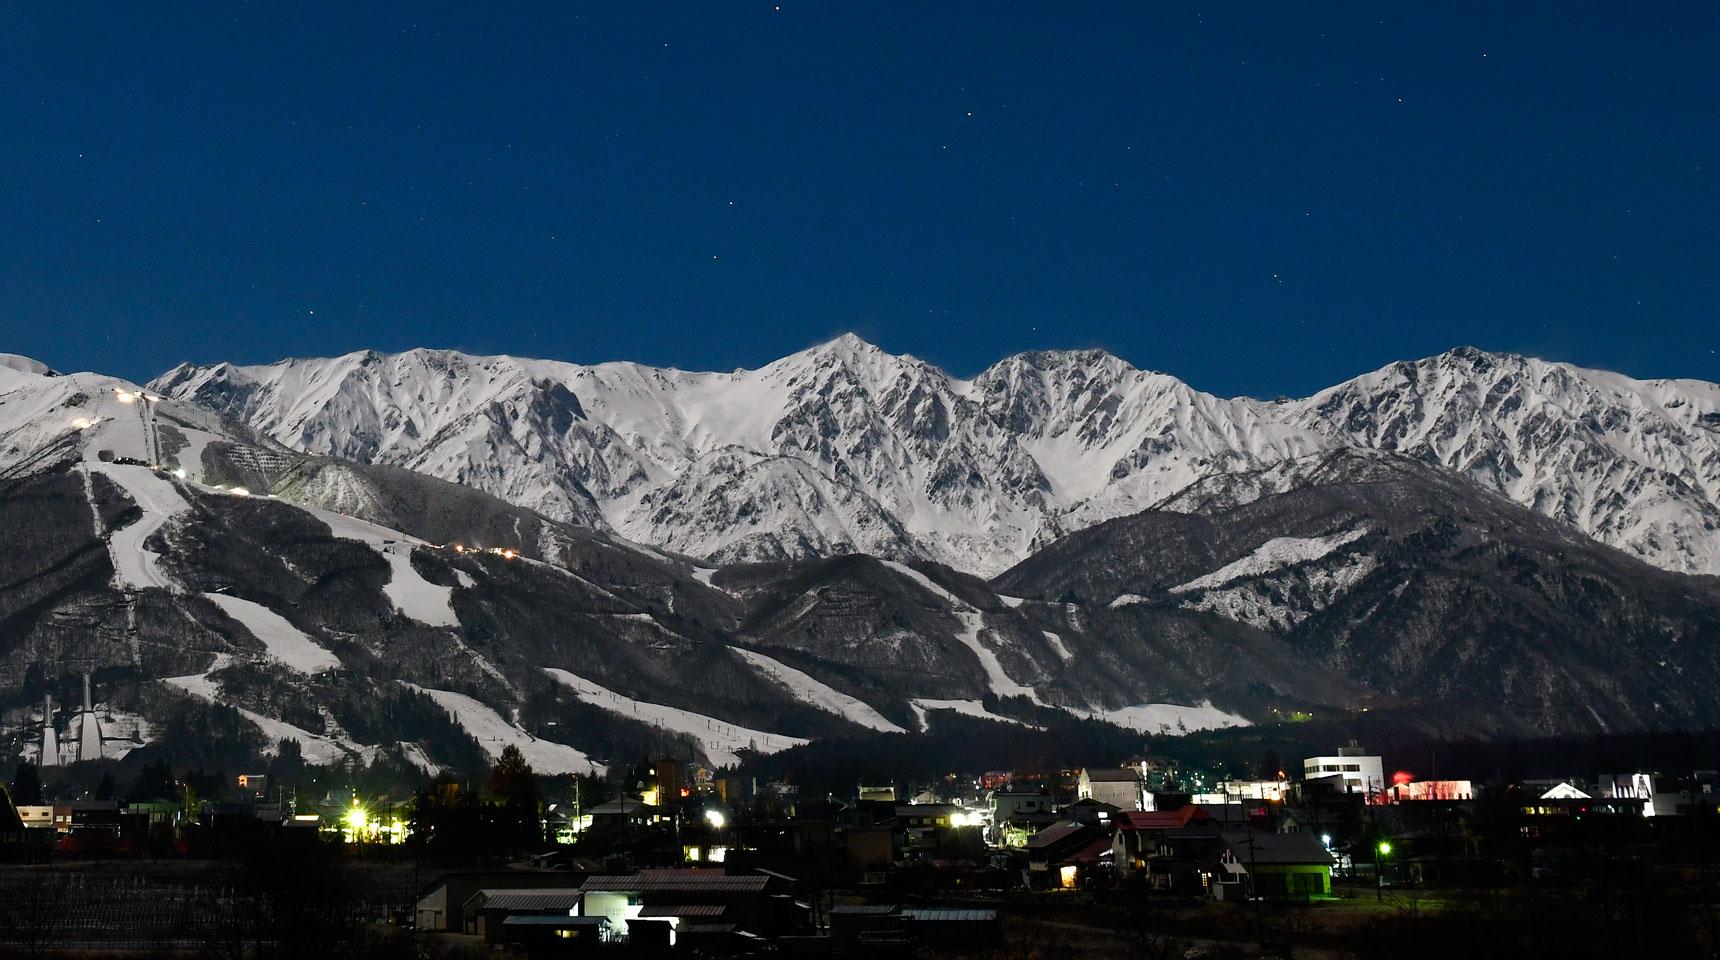 スライド135 月夜の白馬村 白馬三山とスキー場